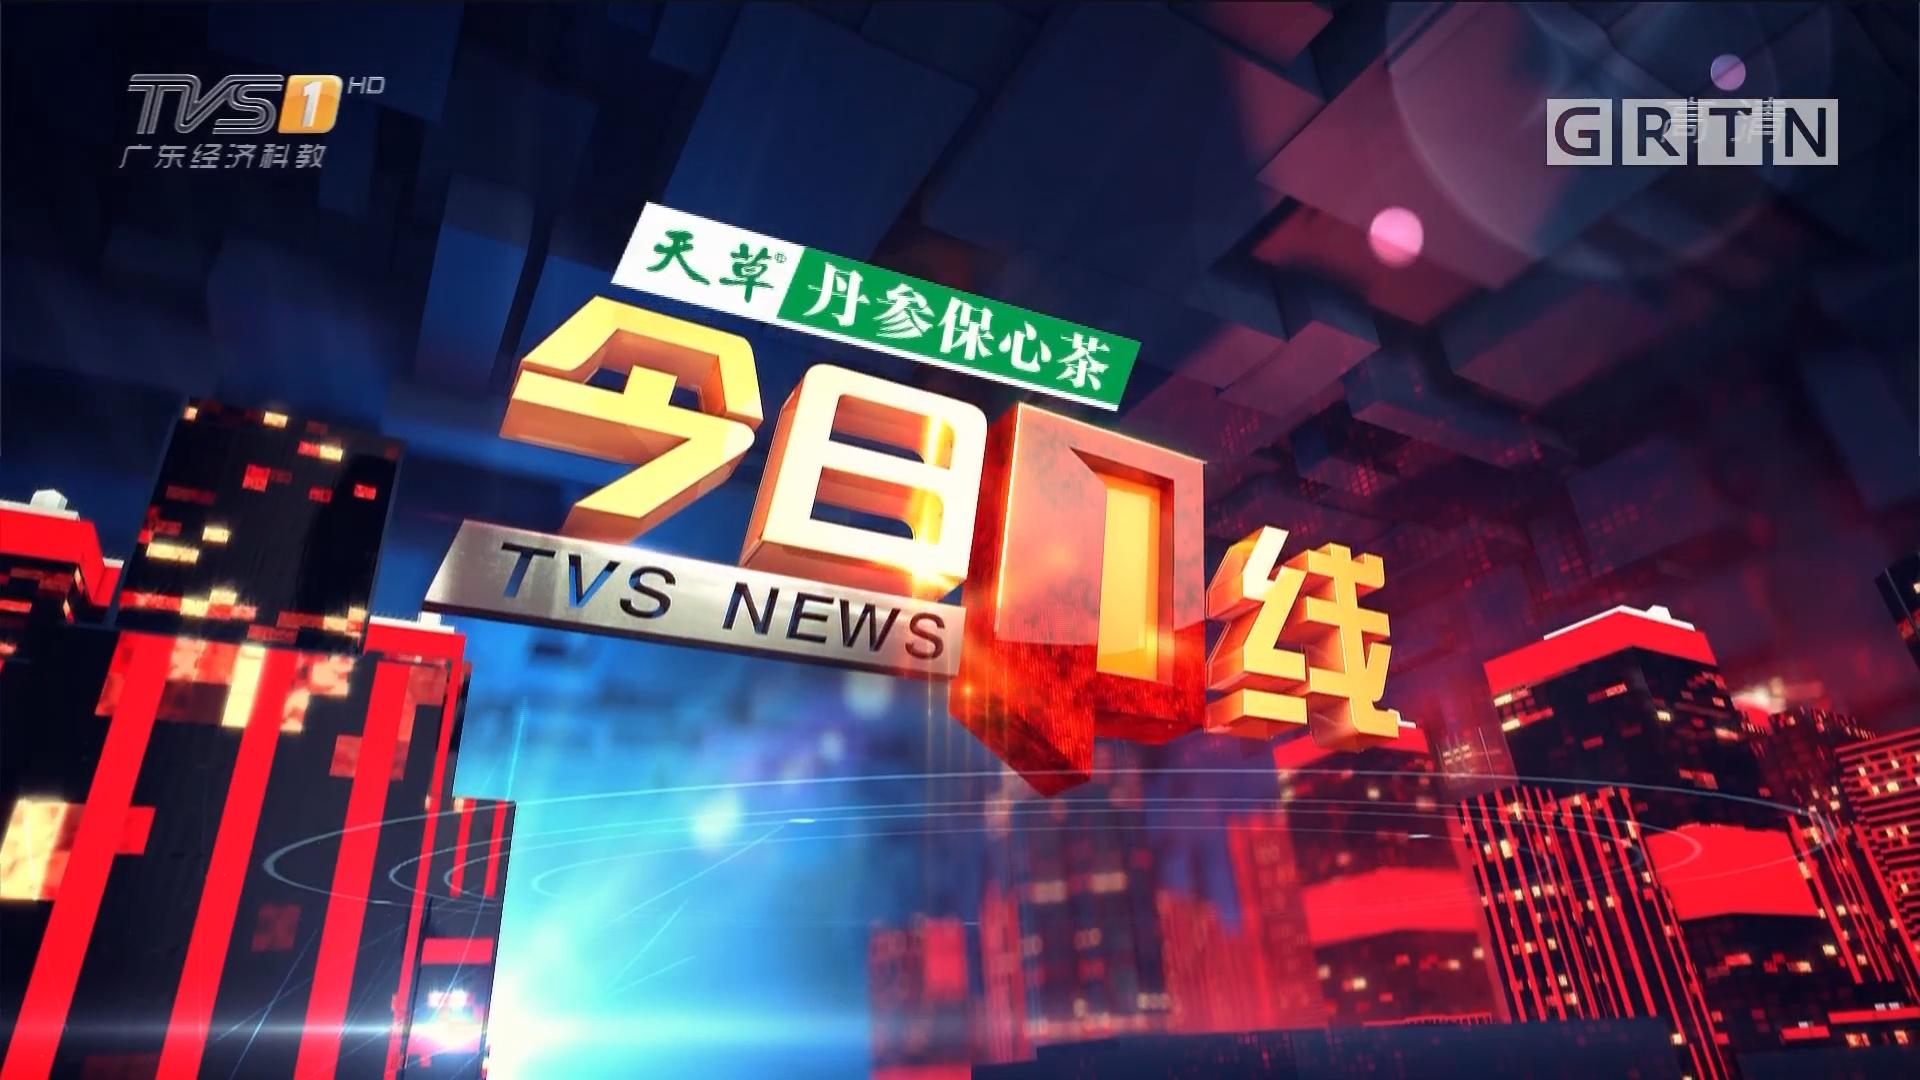 [HD][2017-11-14]今日一线:宣传贯彻落实党的十九大精神:第五届世界客商大会在梅州开幕